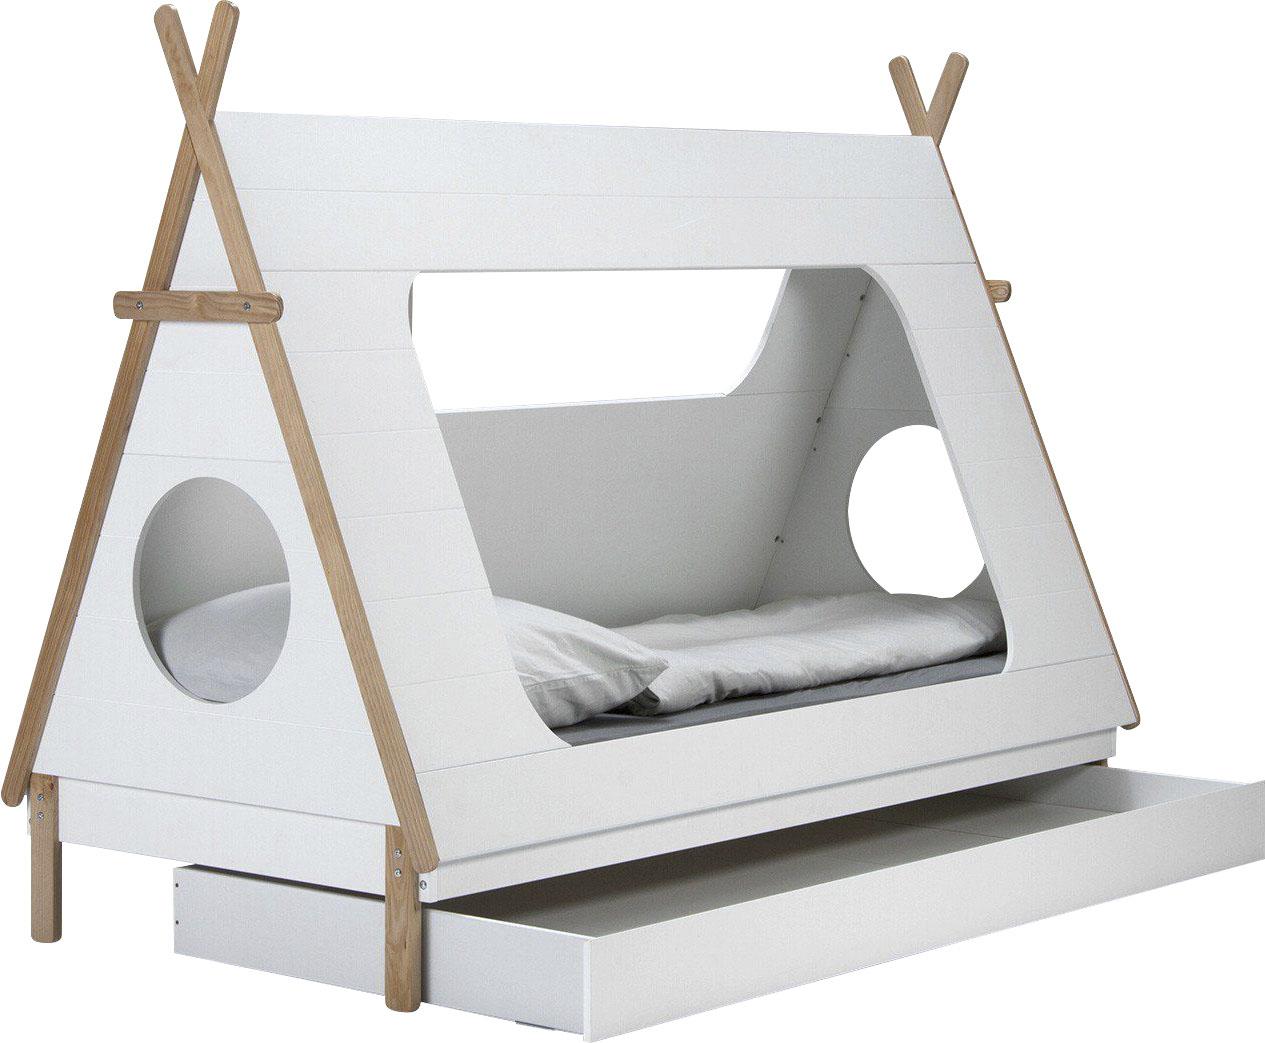 Lüttenhütt Kinderbett Dolidoo, in Zeltform, Hausbett, Zeltbett weiß Kinder Kinderbetten Kindermöbel